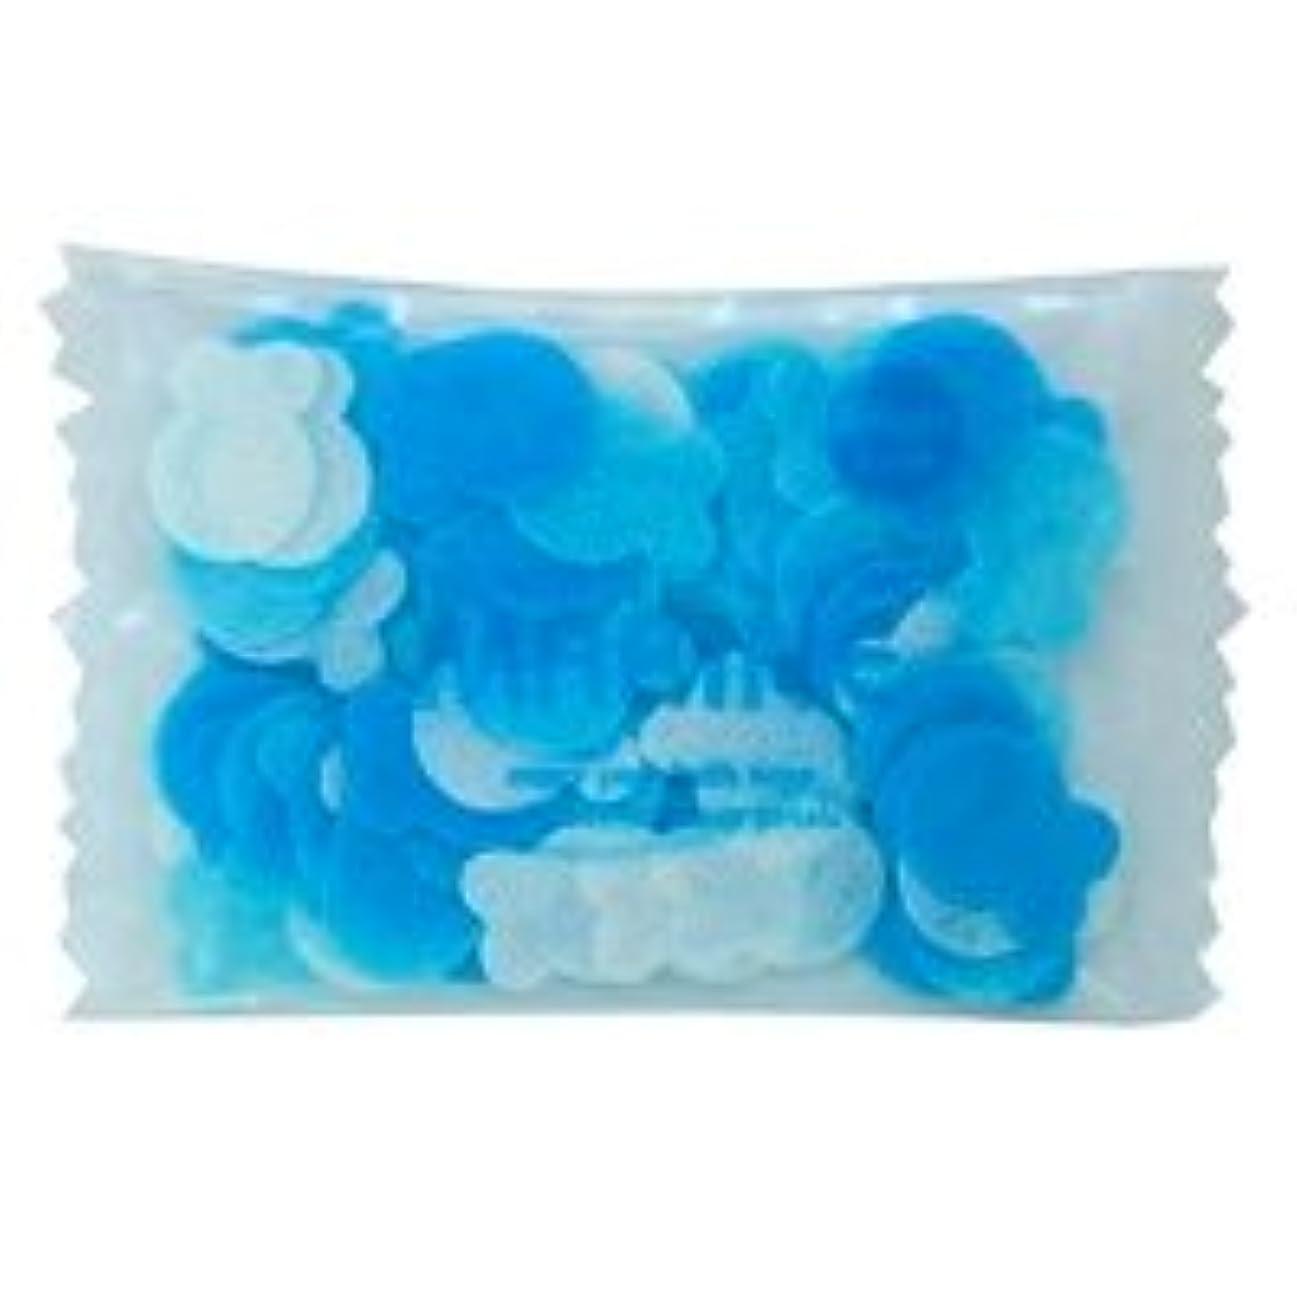 抑圧する地上の啓発するフラワーペタル バブルバス ミニパック「マリン」20個セット 穏やかで優しい気持ちになりたい日に心をなごませてくれる爽やかなマリンの香り